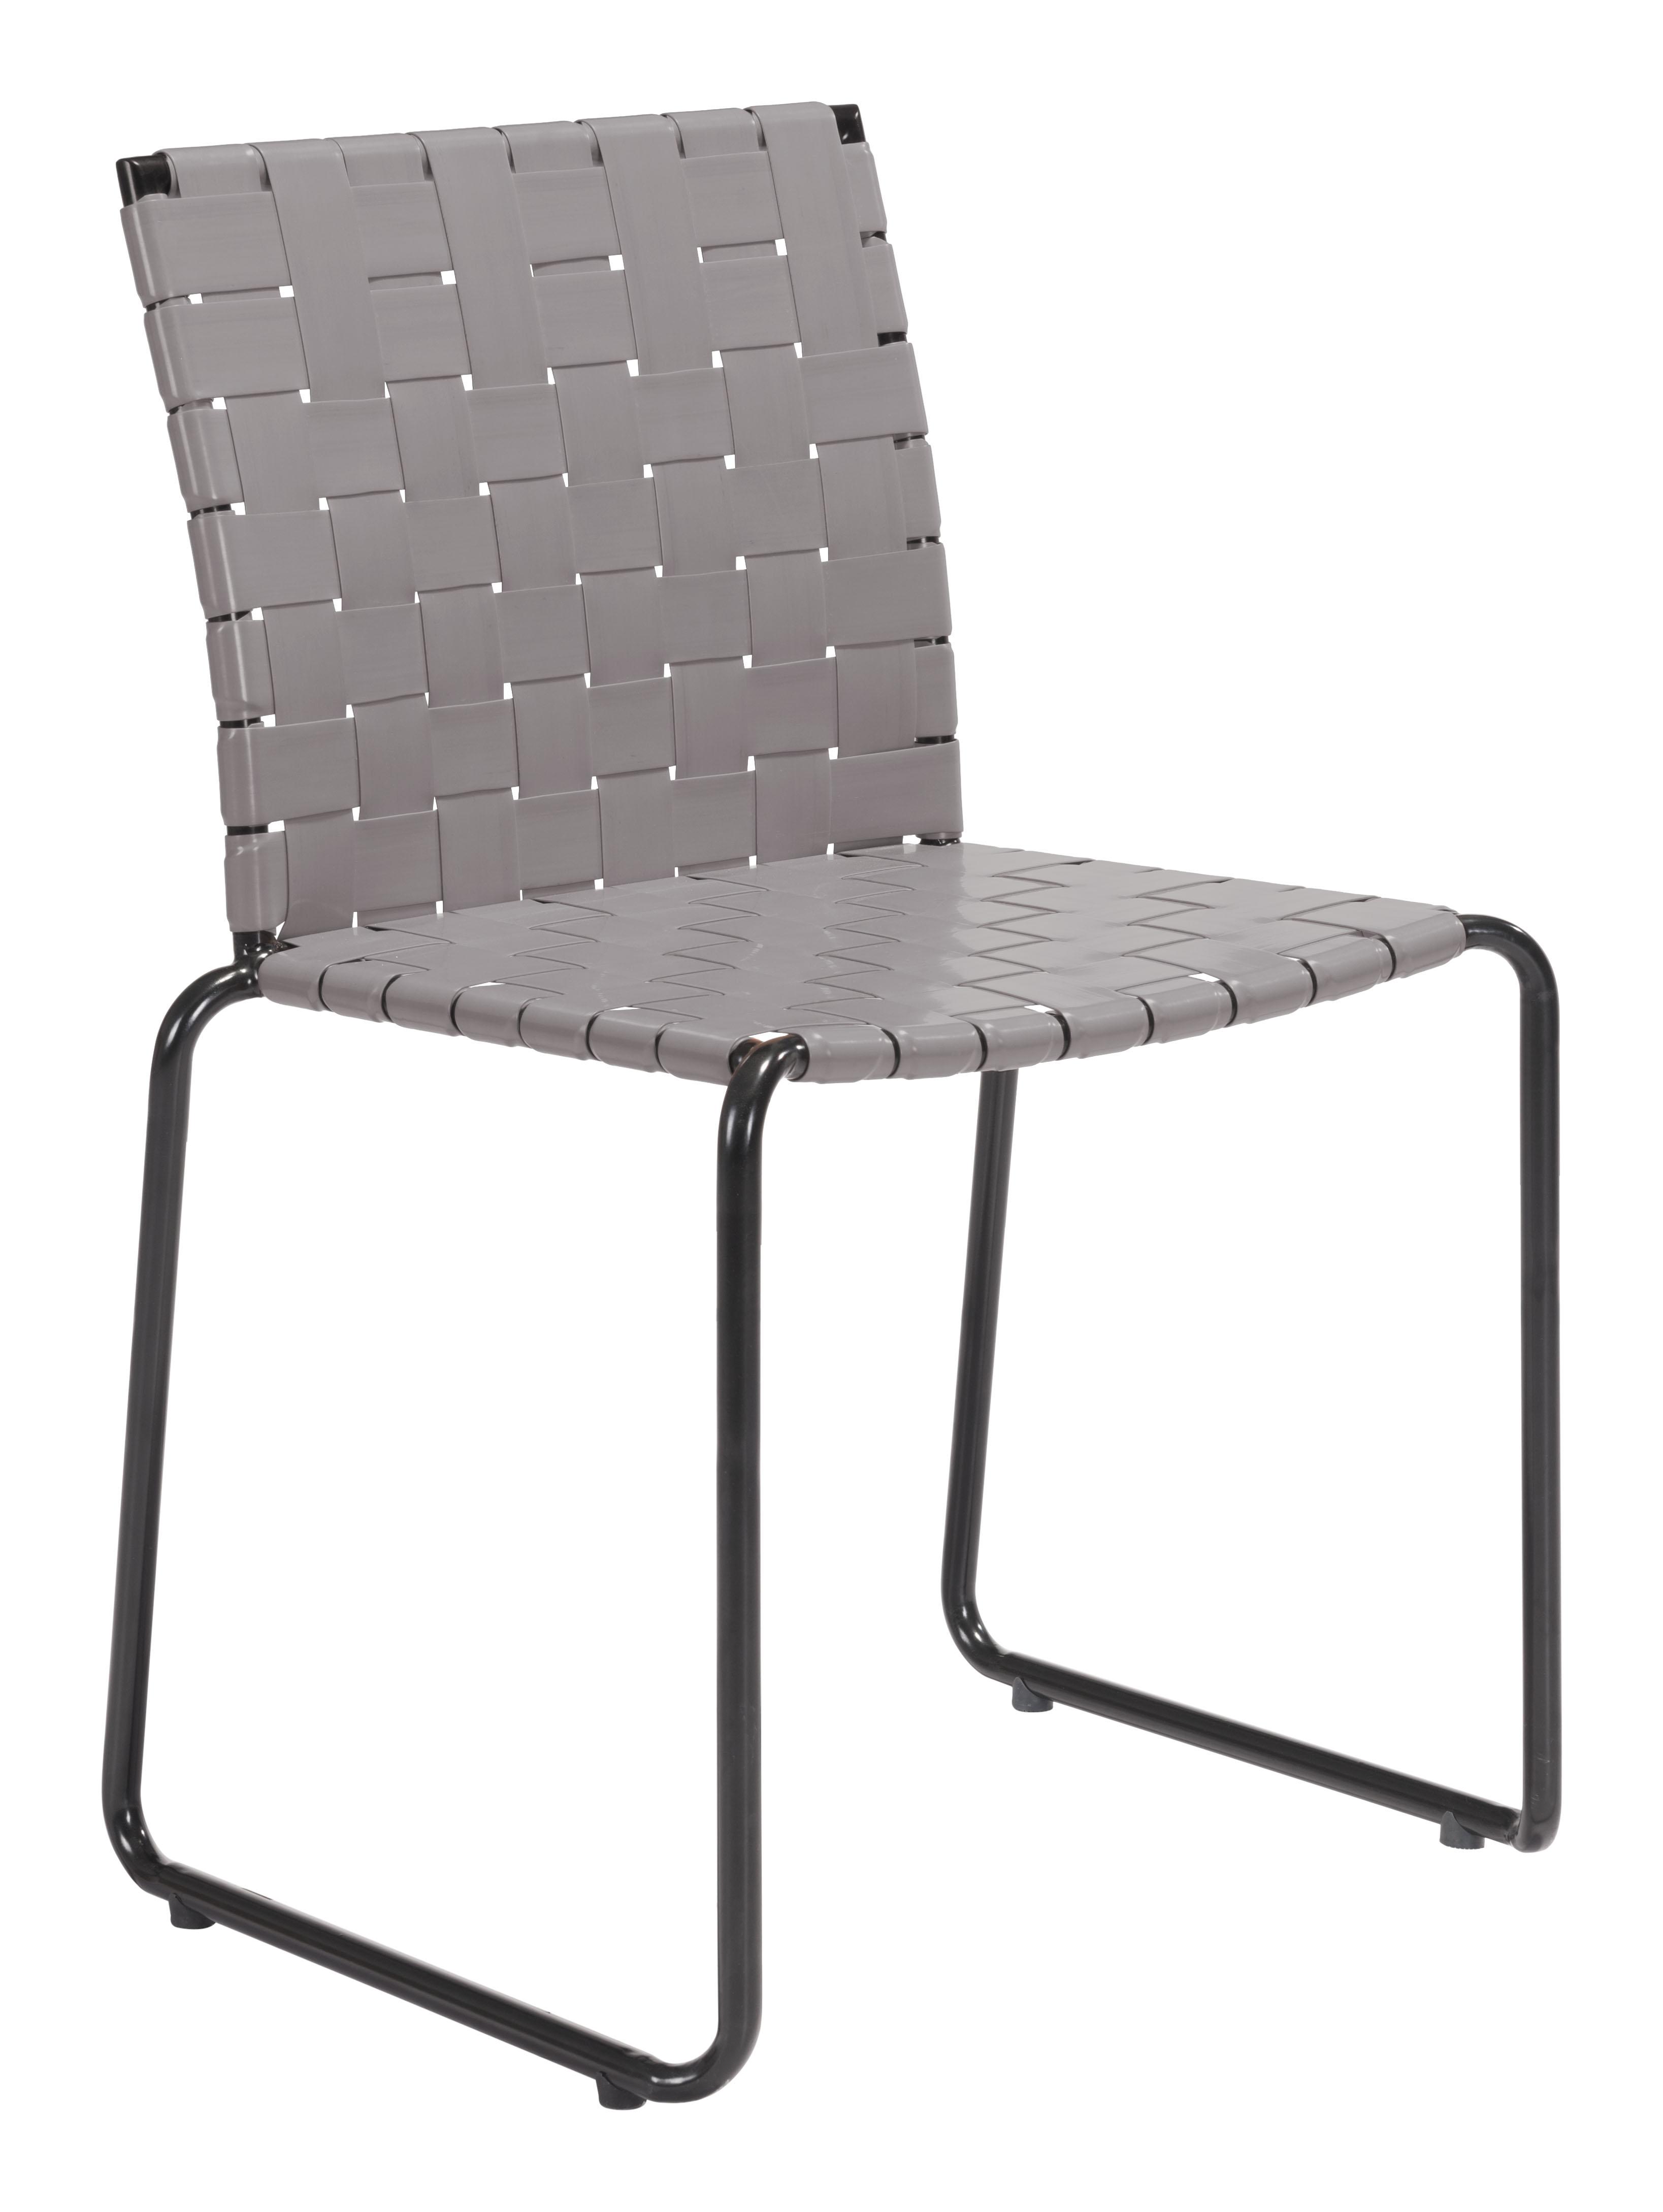 Fabulous Beckett Dining Chair Light Gray Set Of 4 By Zuo Modern Theyellowbook Wood Chair Design Ideas Theyellowbookinfo